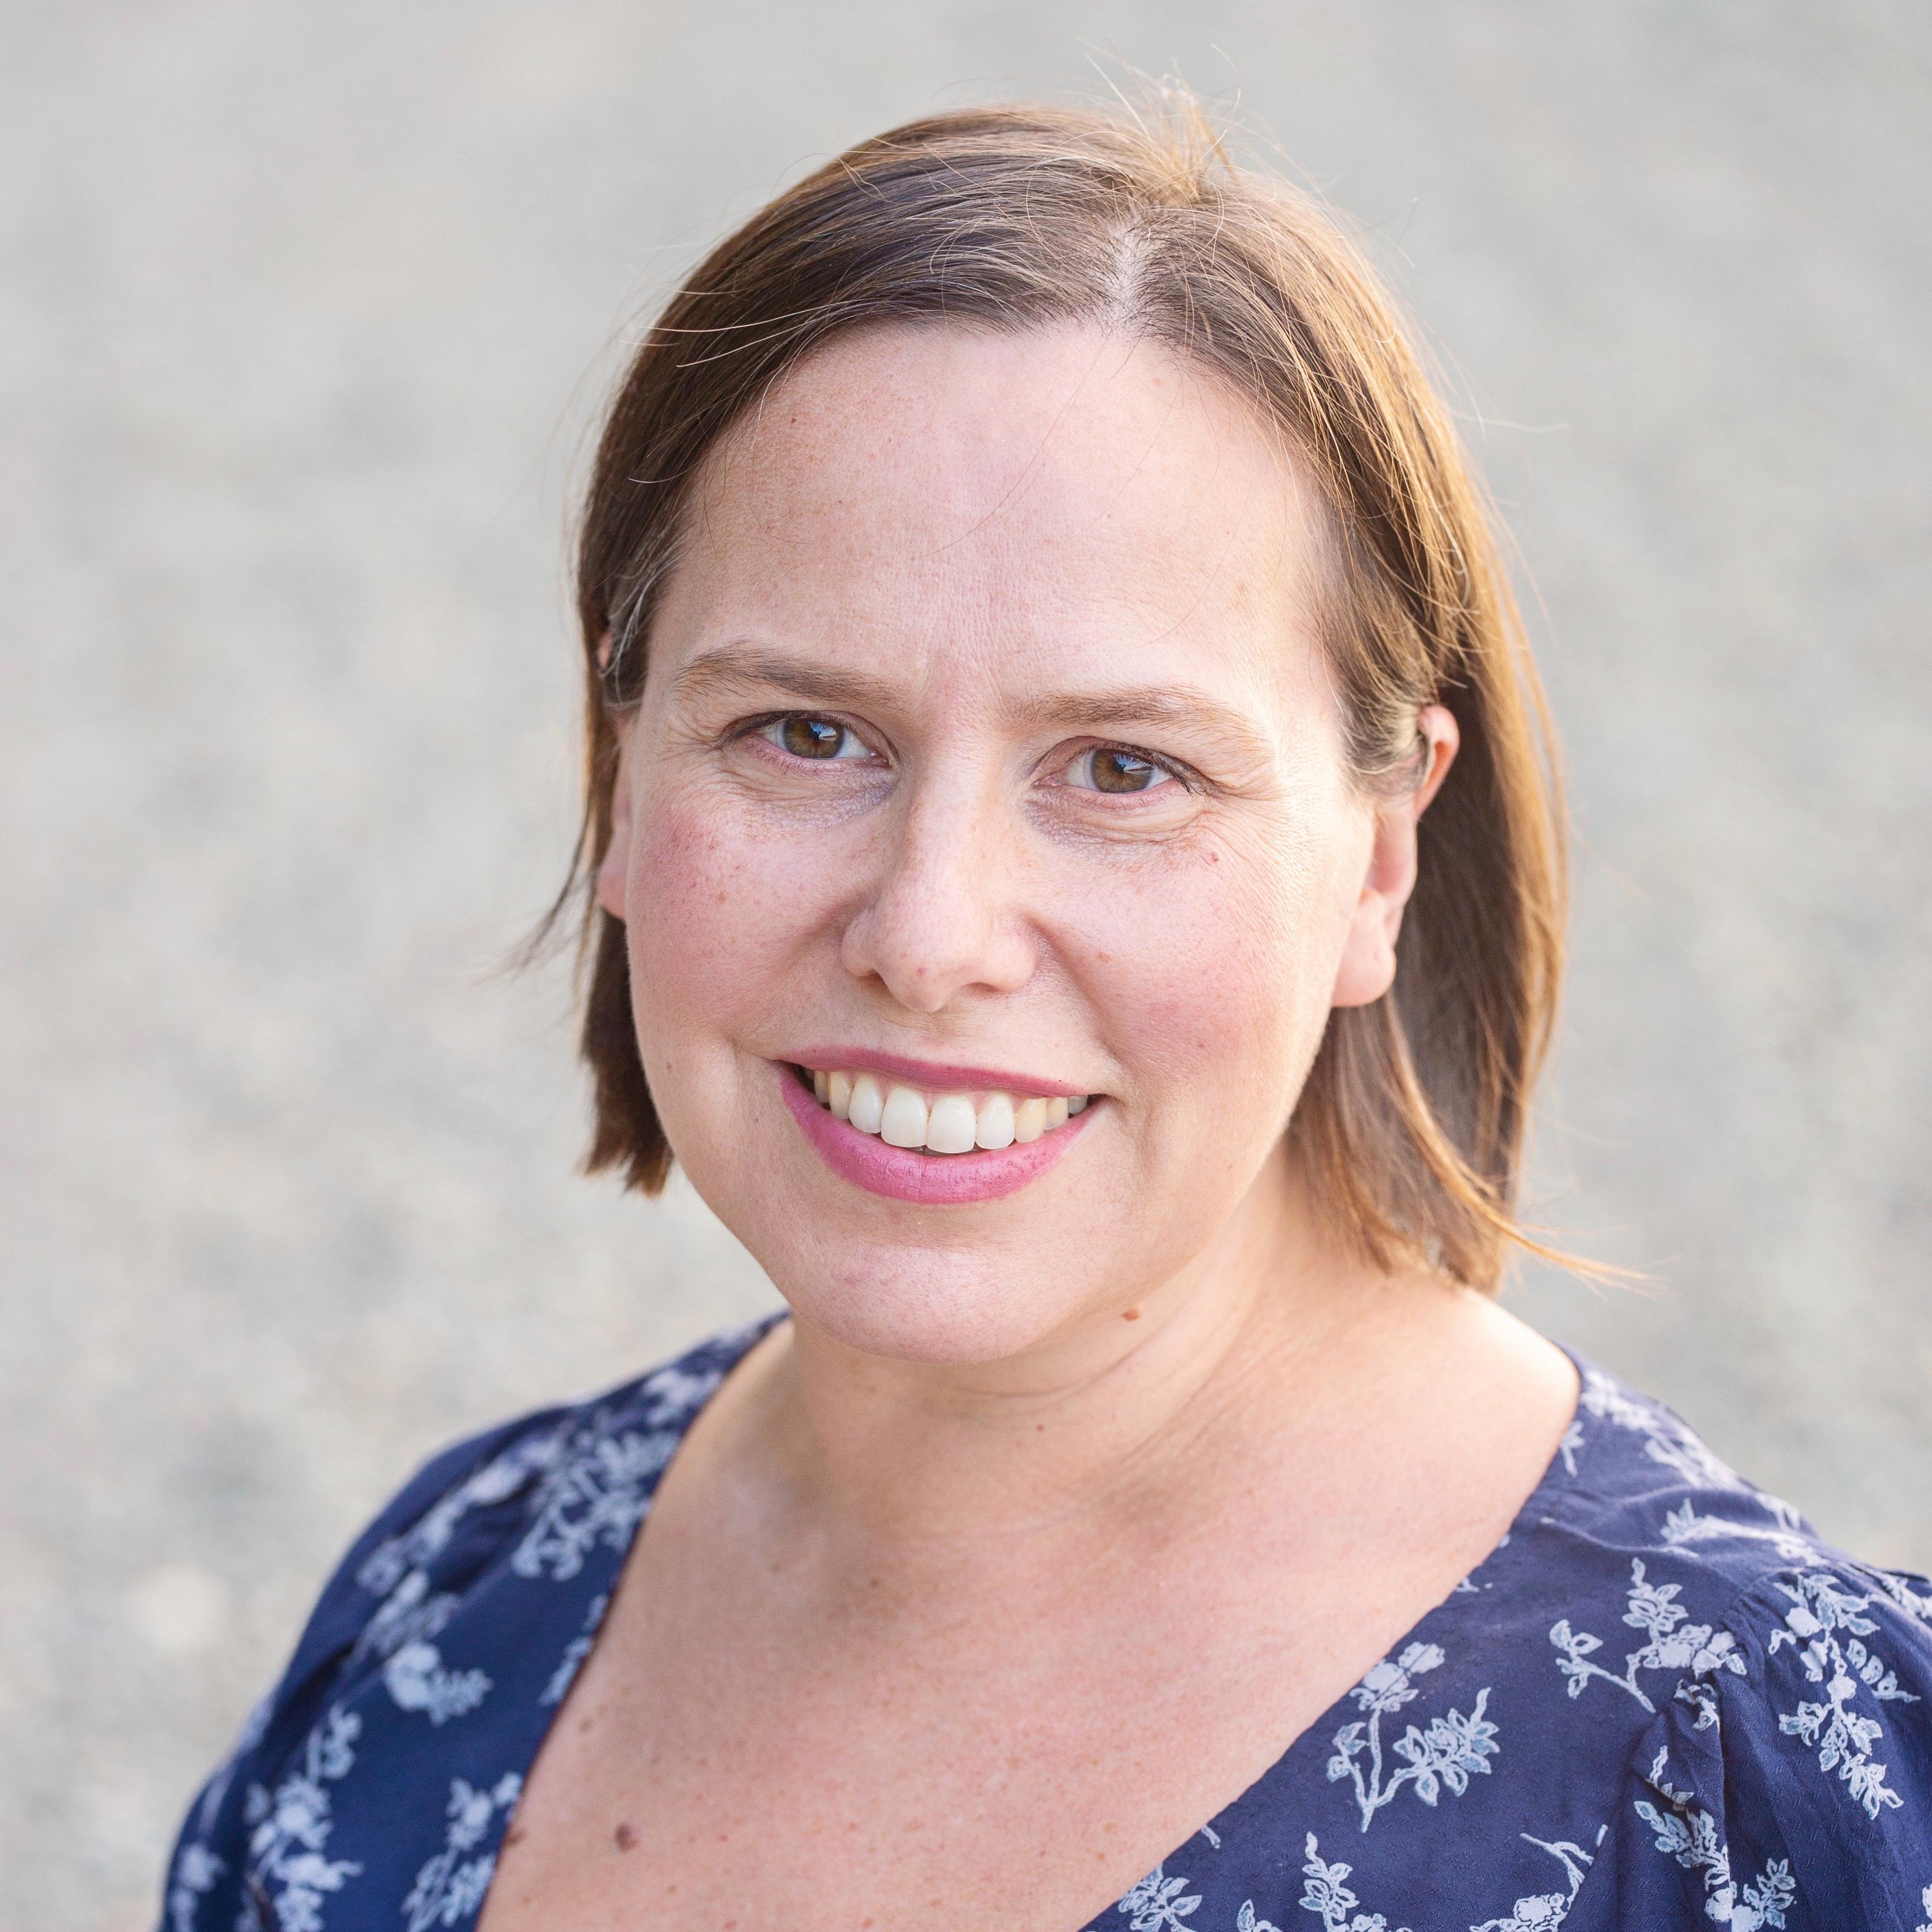 Photo of Sarah Benki-Nugent